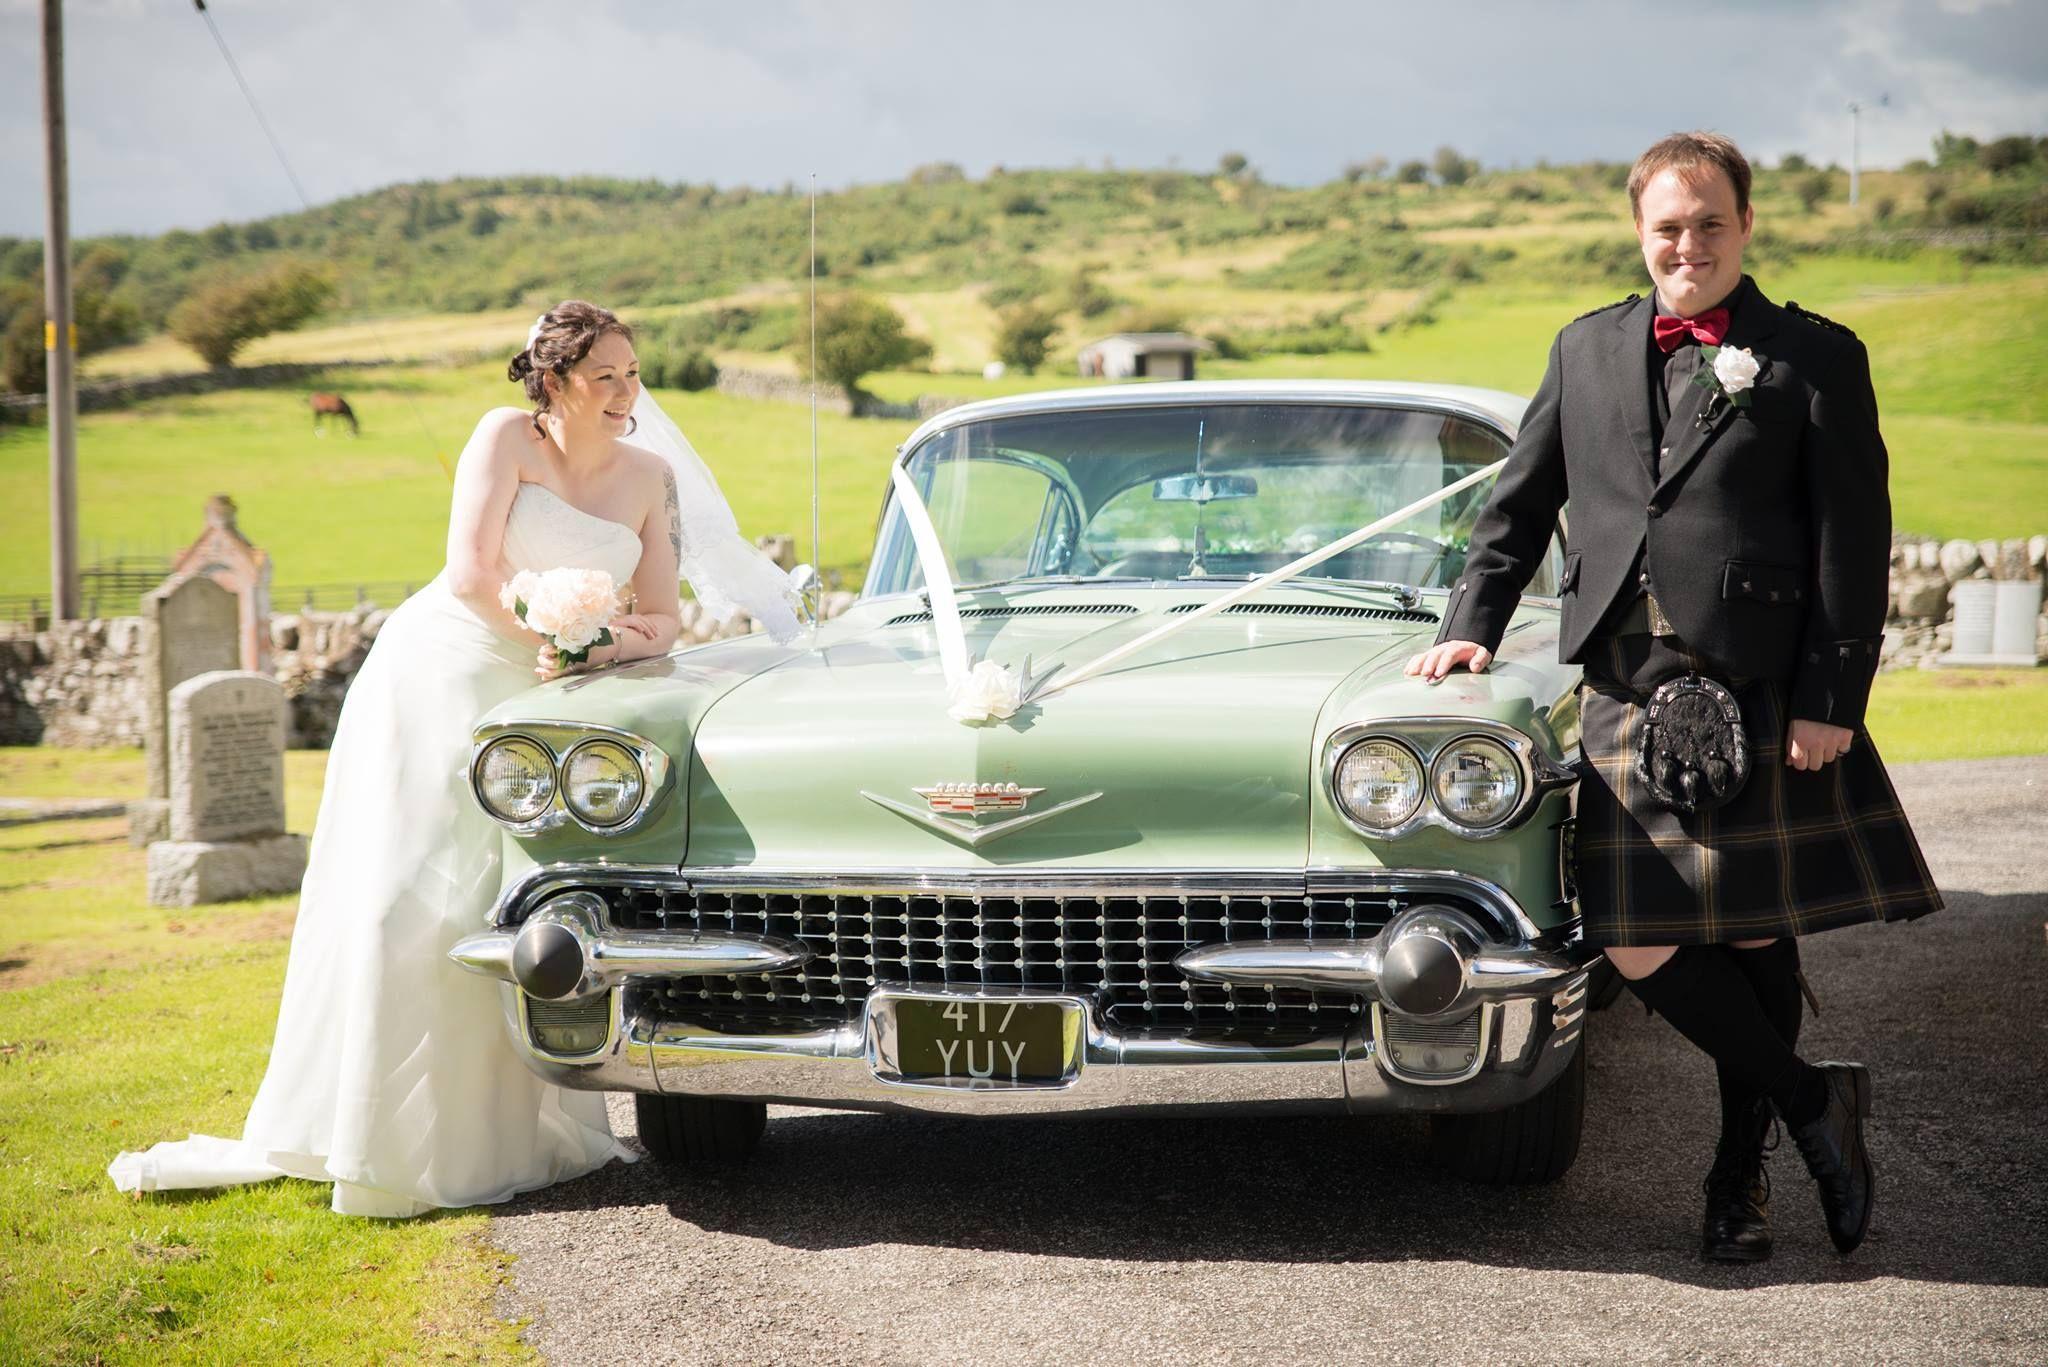 1958 Classic American Wedding car